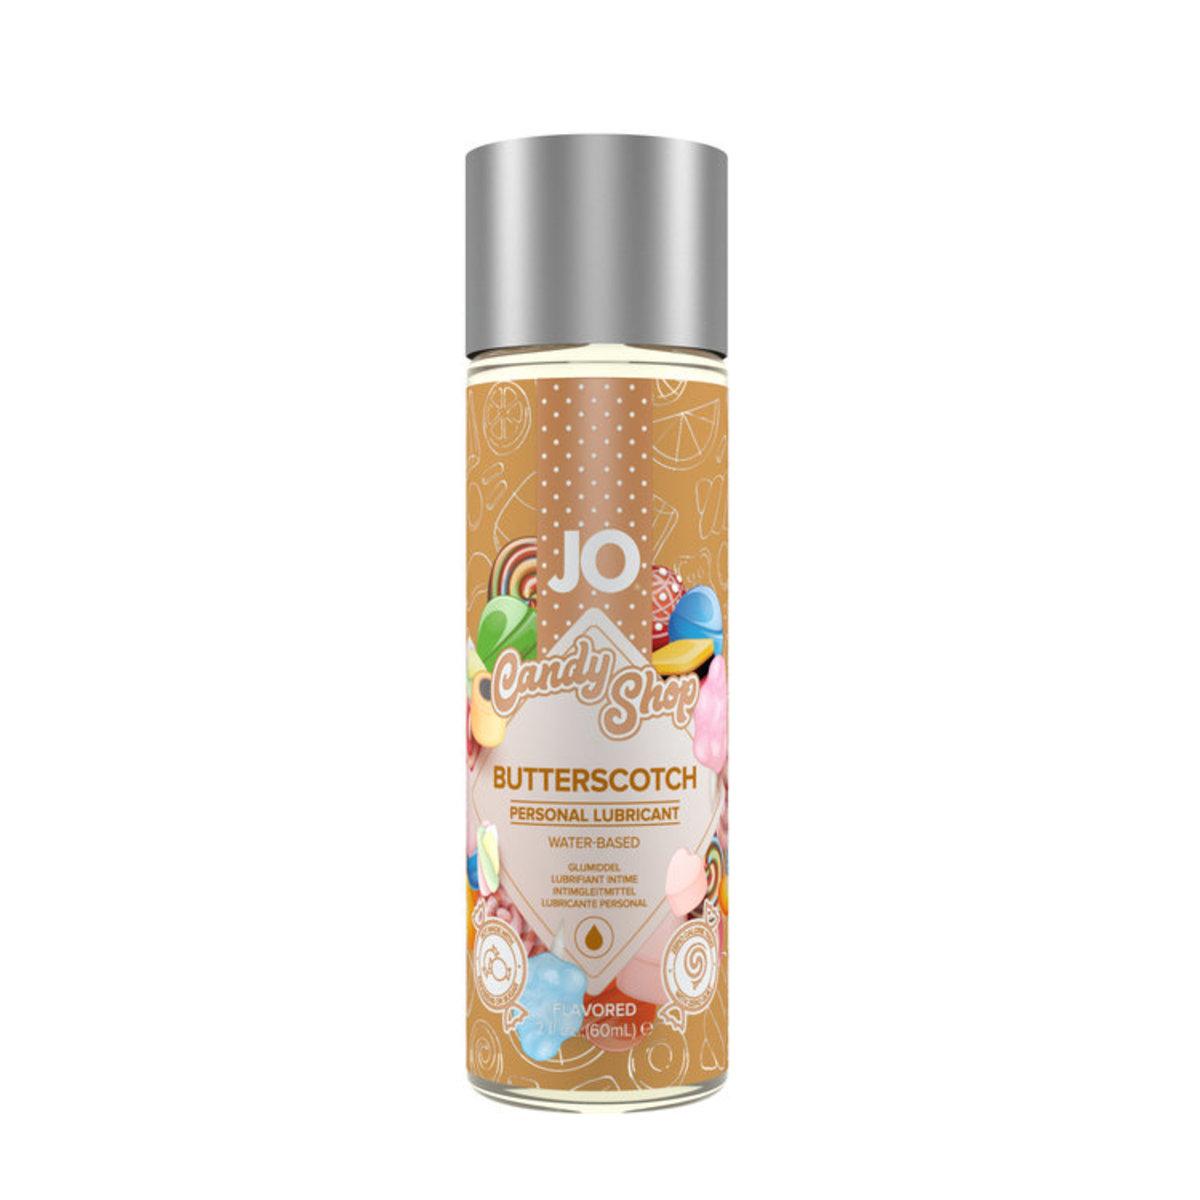 JO® H2O BUTTERSCOTCH 奶油口味可食用潤滑劑 60ml